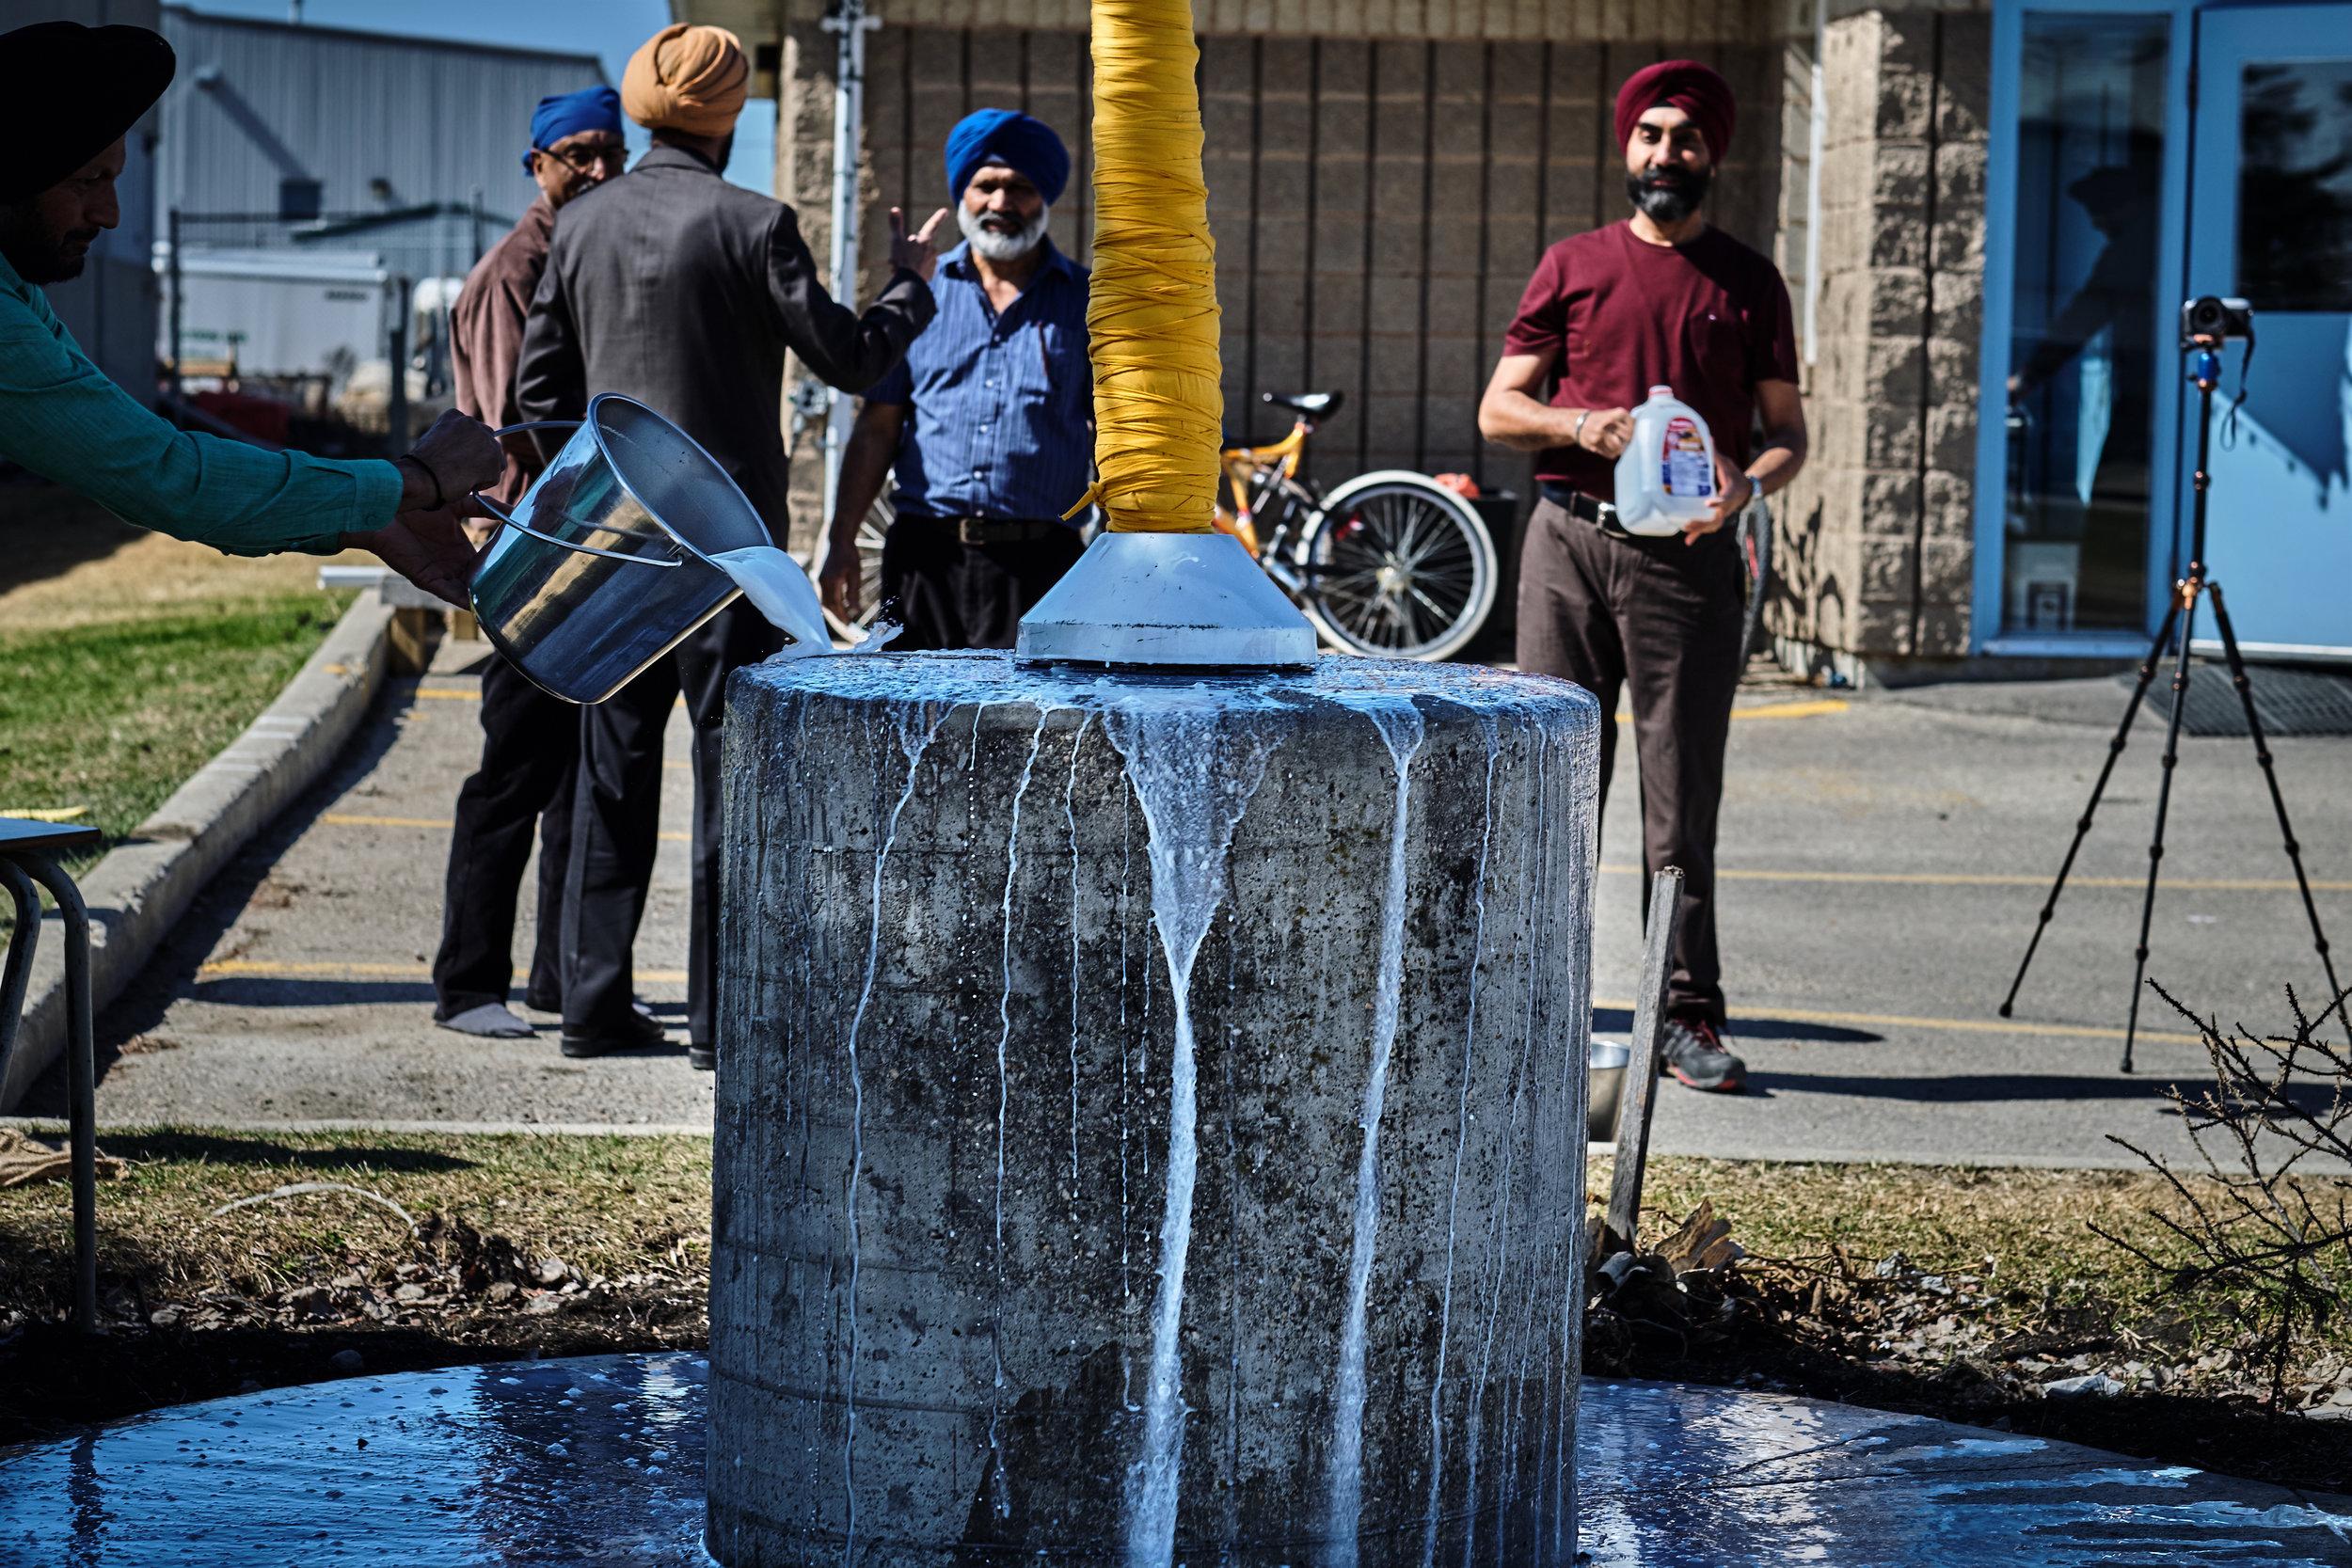 Wpg_South_Sikh_Centre-Nishaan_Sahib_11.jpg